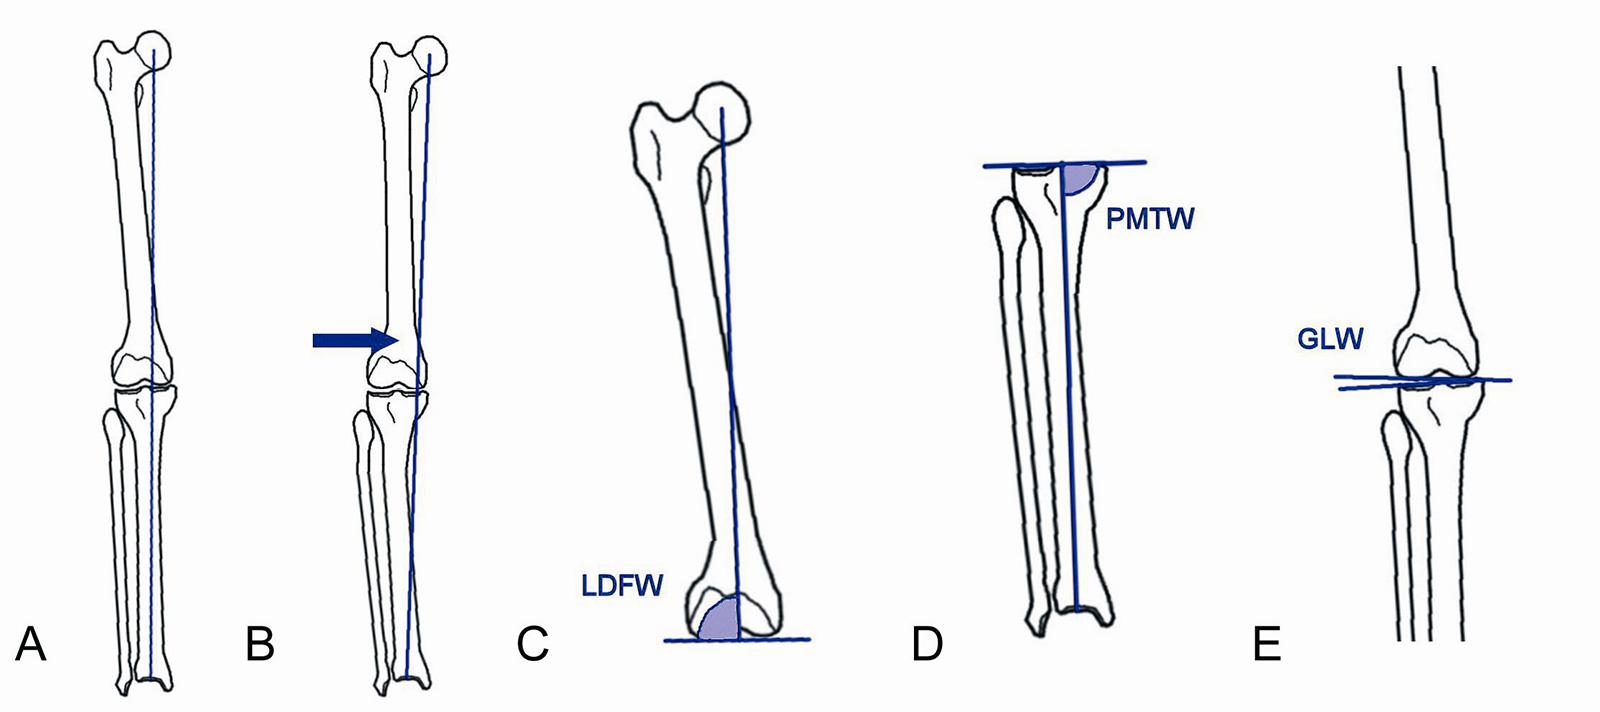 Abb. 4-38: Analyse einer Deformität: mechanische Beinachse normal (A), Varusfehlstellung (B), lateraler distaler Femurwinkel (C), proximaler medialer Tibiawinkel (D) und Gelenklinienwinkel (E)